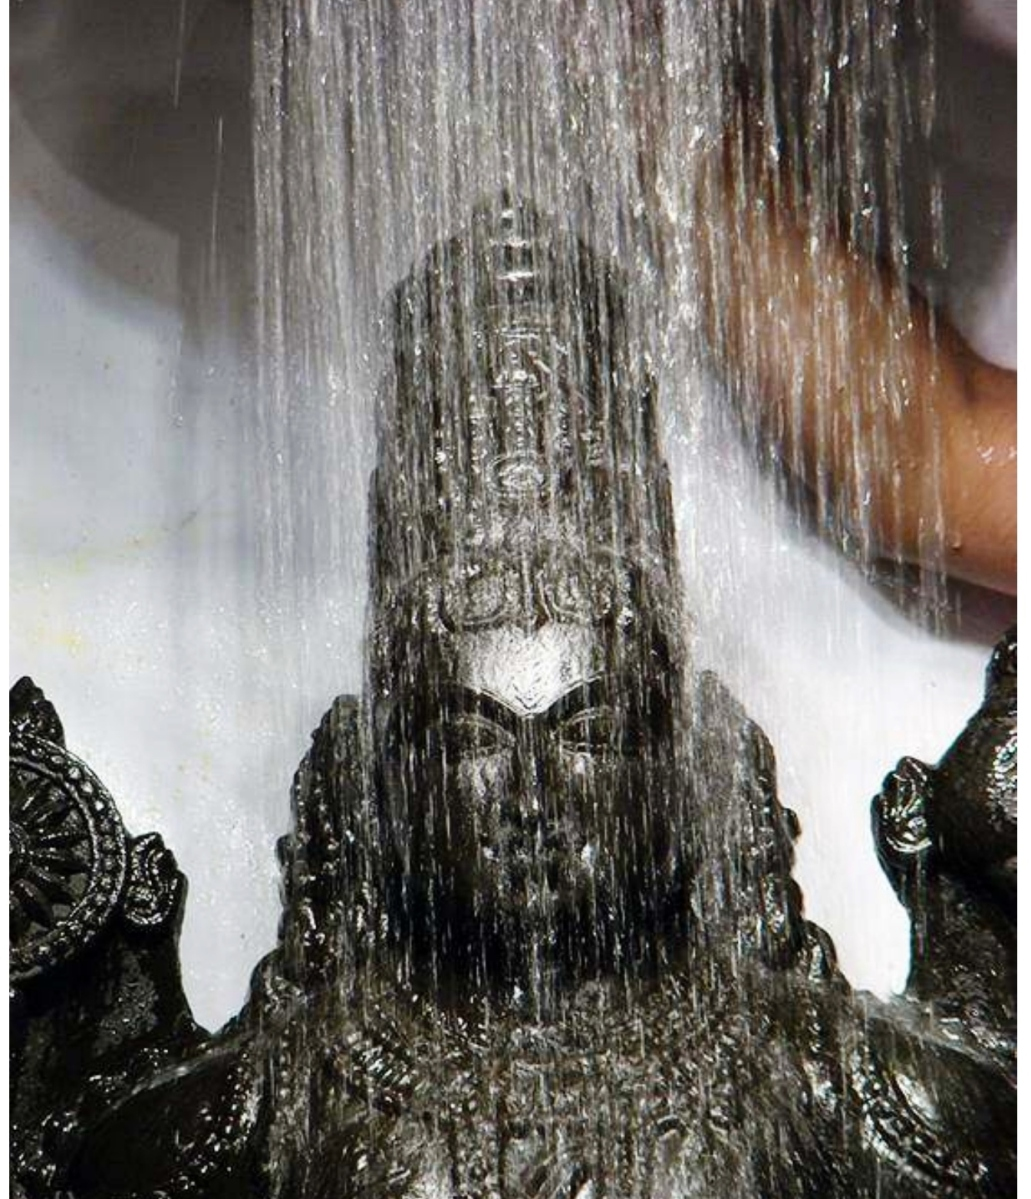 At Tirumala ....                                             Lord Venkateshwara                      Abhisheka vaibhavam ........       VenkaTAdri samam sthAnam  brahmANDe nAsti kinchana ...       venkateSa samo devo   ....                            na bhUto na   bhaviSyati........